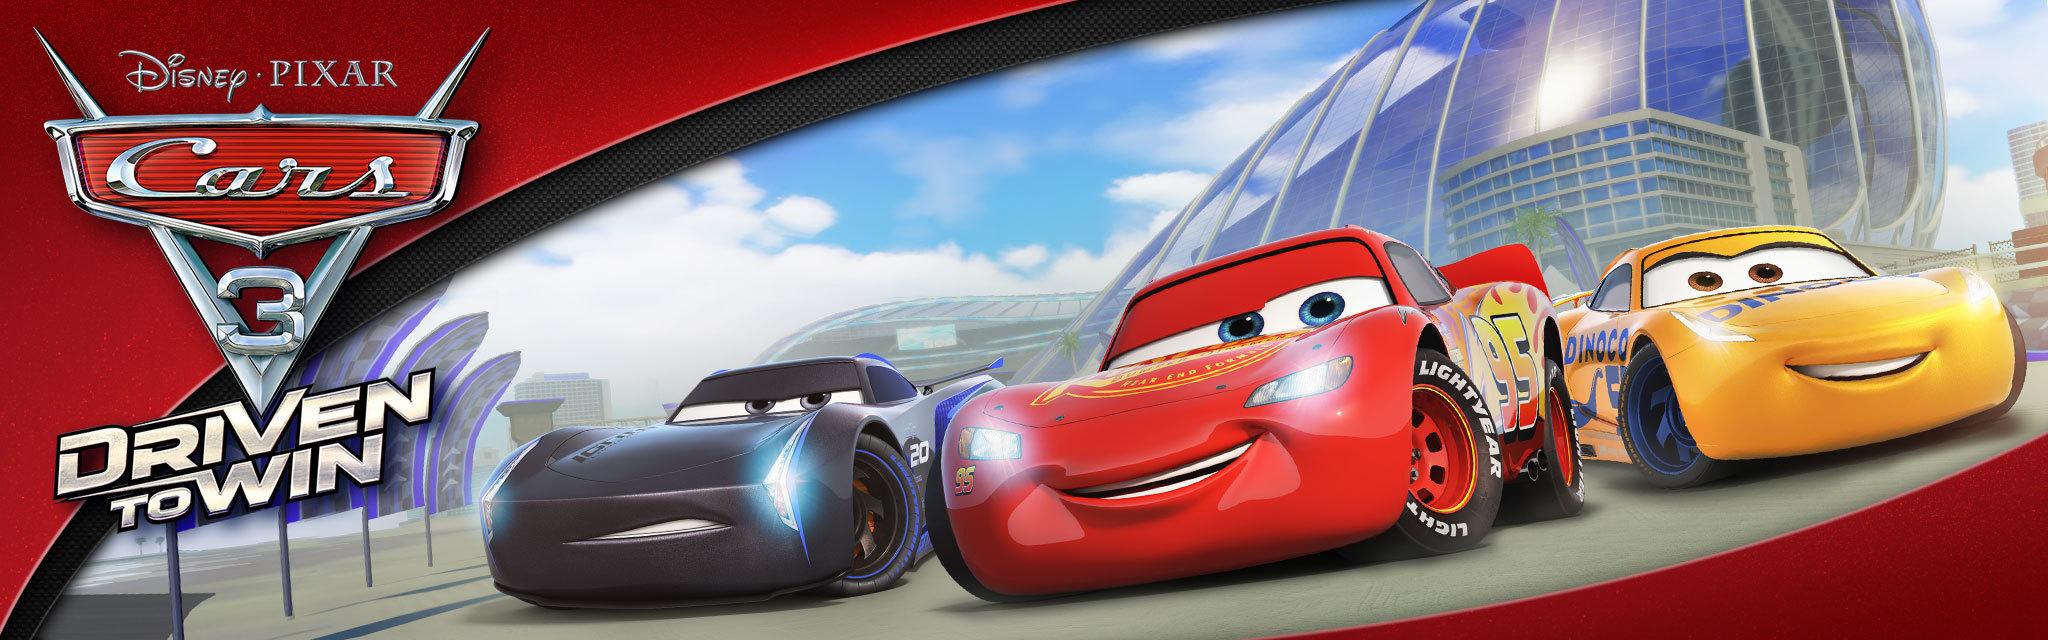 cars 1 e 2 il divertente trailer onesto dei film pixar. Black Bedroom Furniture Sets. Home Design Ideas